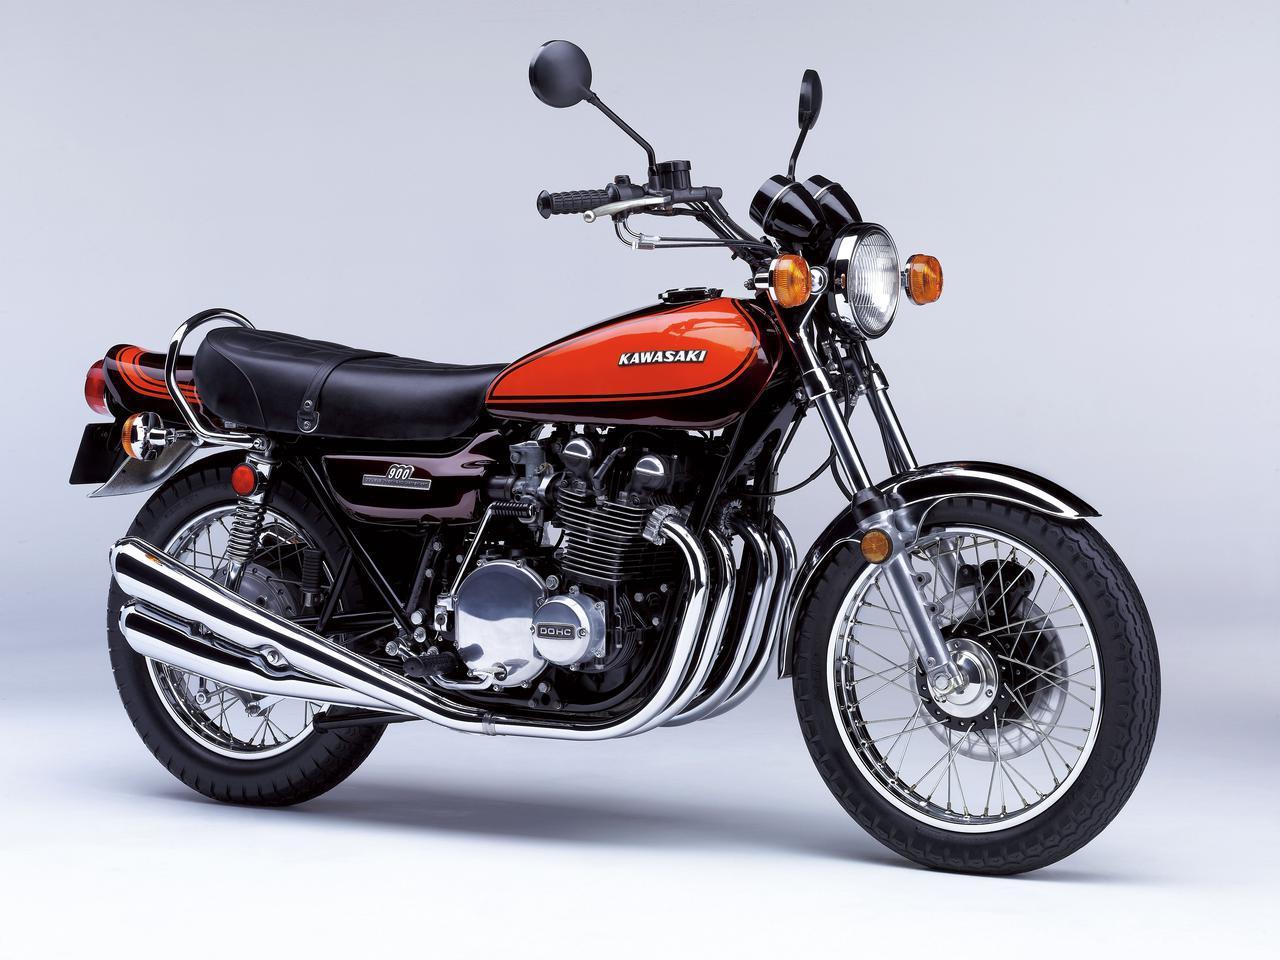 画像: Kawasaki 900SUPER4 Z1 発売年月:1972年11月 総排気量:903cc エンジン形式:空冷4ストDOHC2バルブ並列4気筒 乾燥重量:230kg